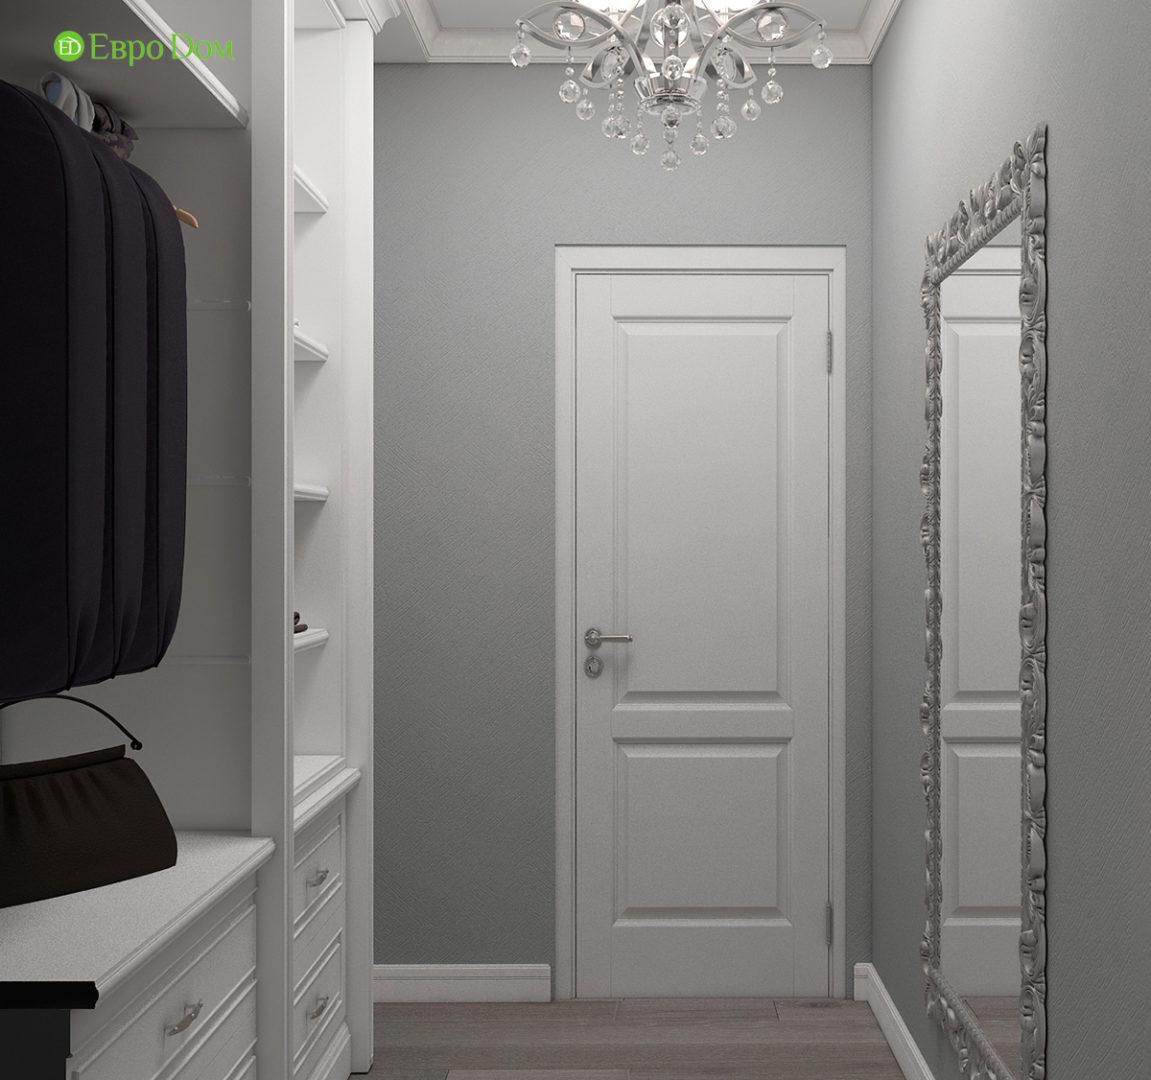 Дизайн интерьера однокомнатной квартиры 40 кв. м в стиле неоклассика. Фото 08